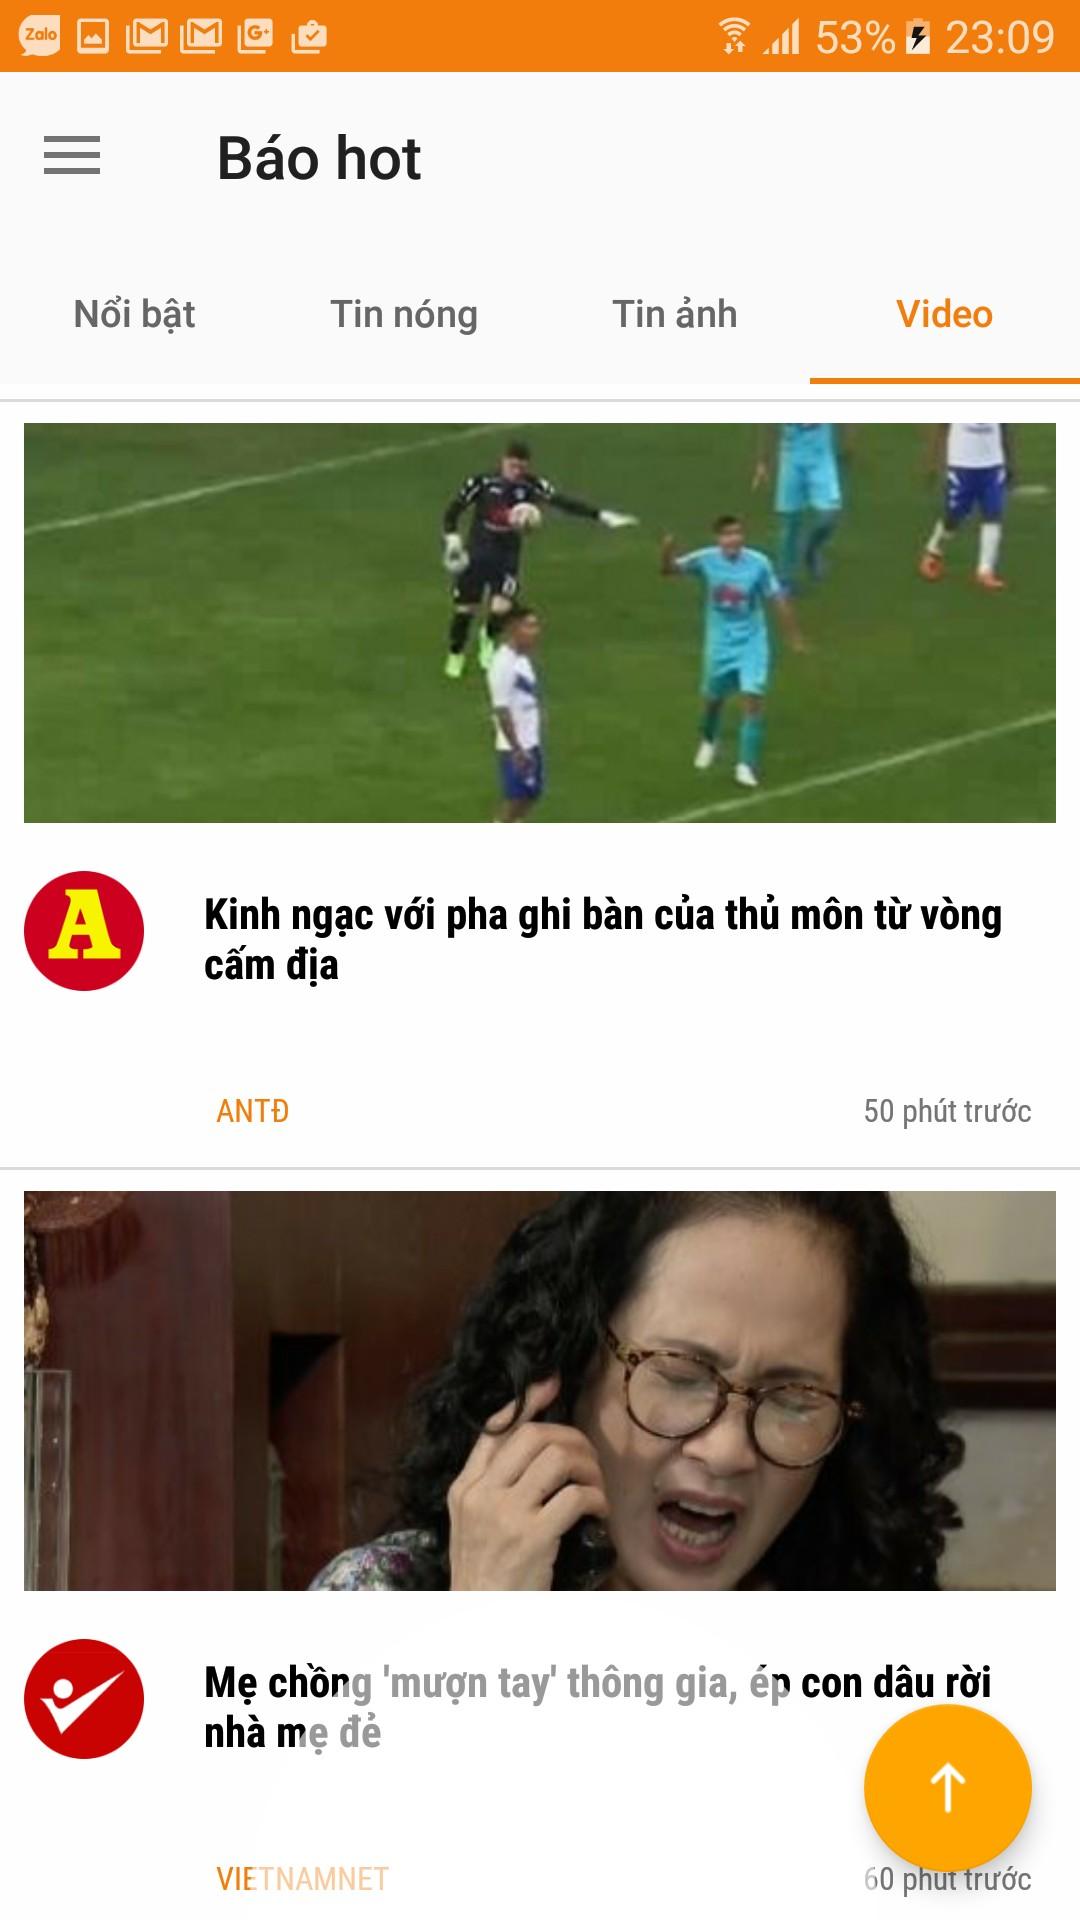 Báo mới - Tin tức nhanh